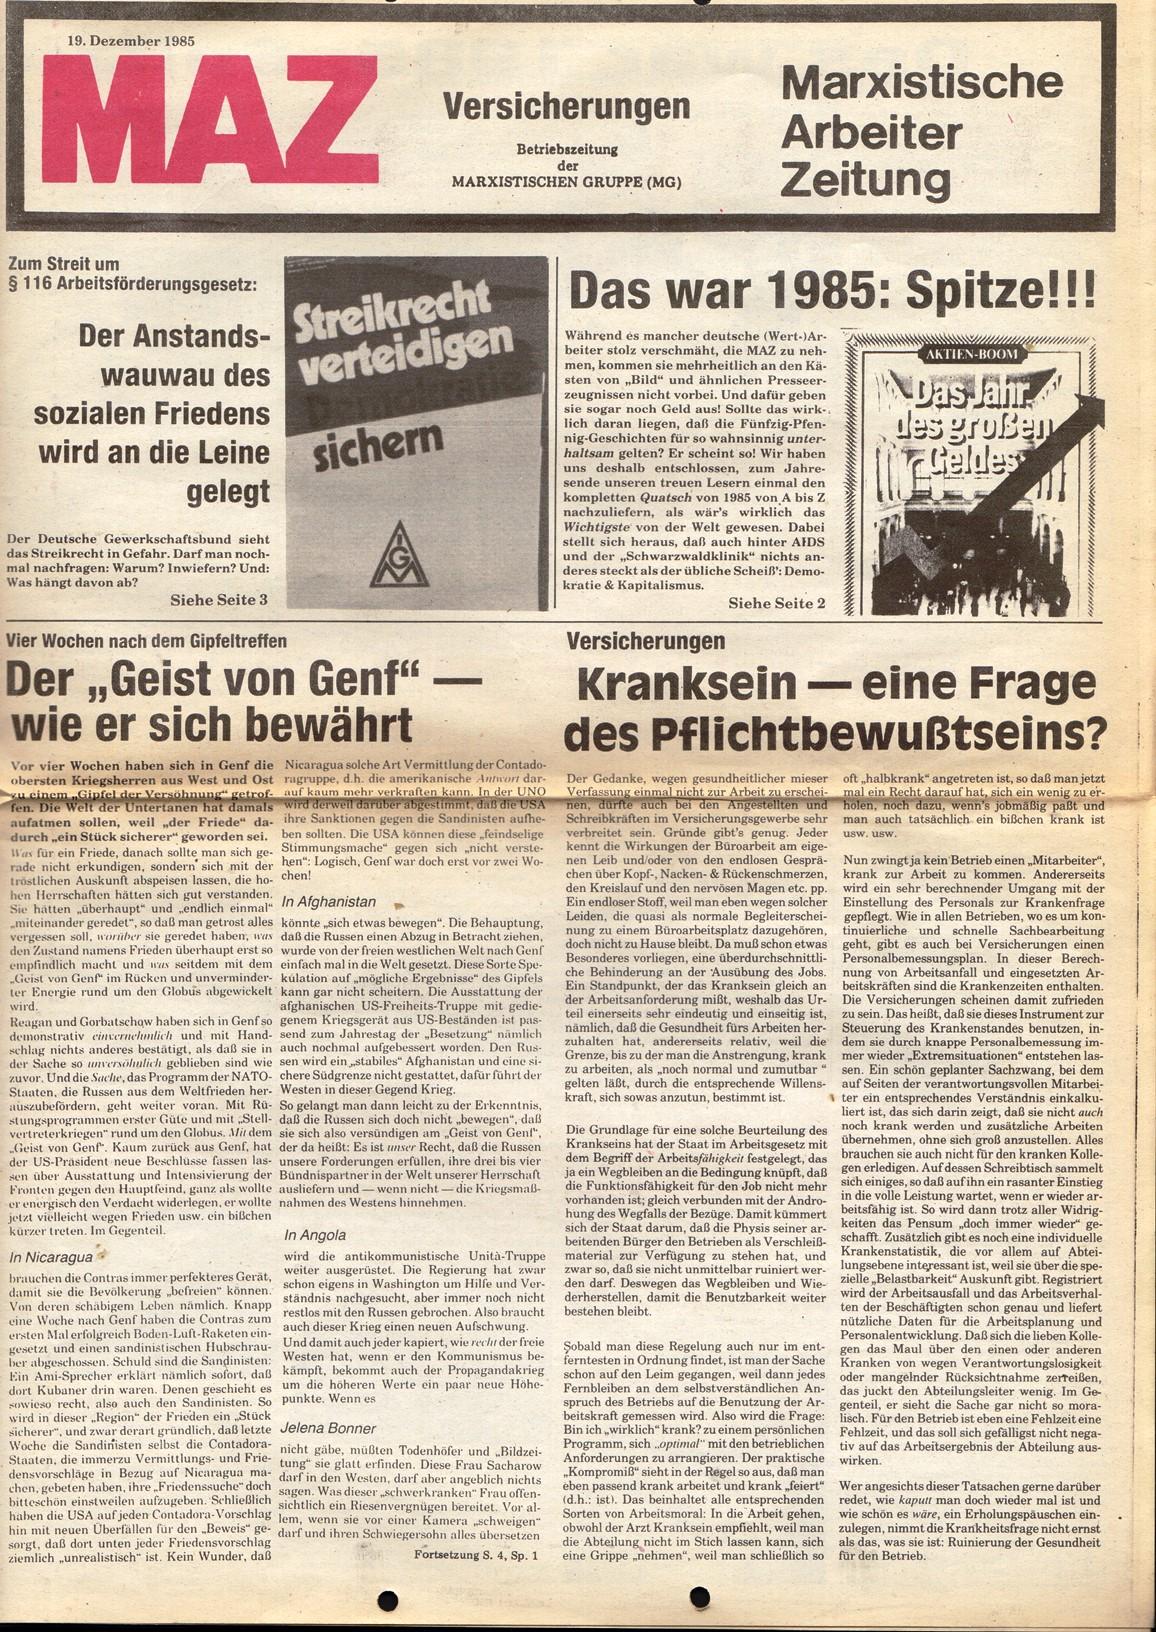 Muenchen_MG_MAZ_Versicherungen_19851219_01